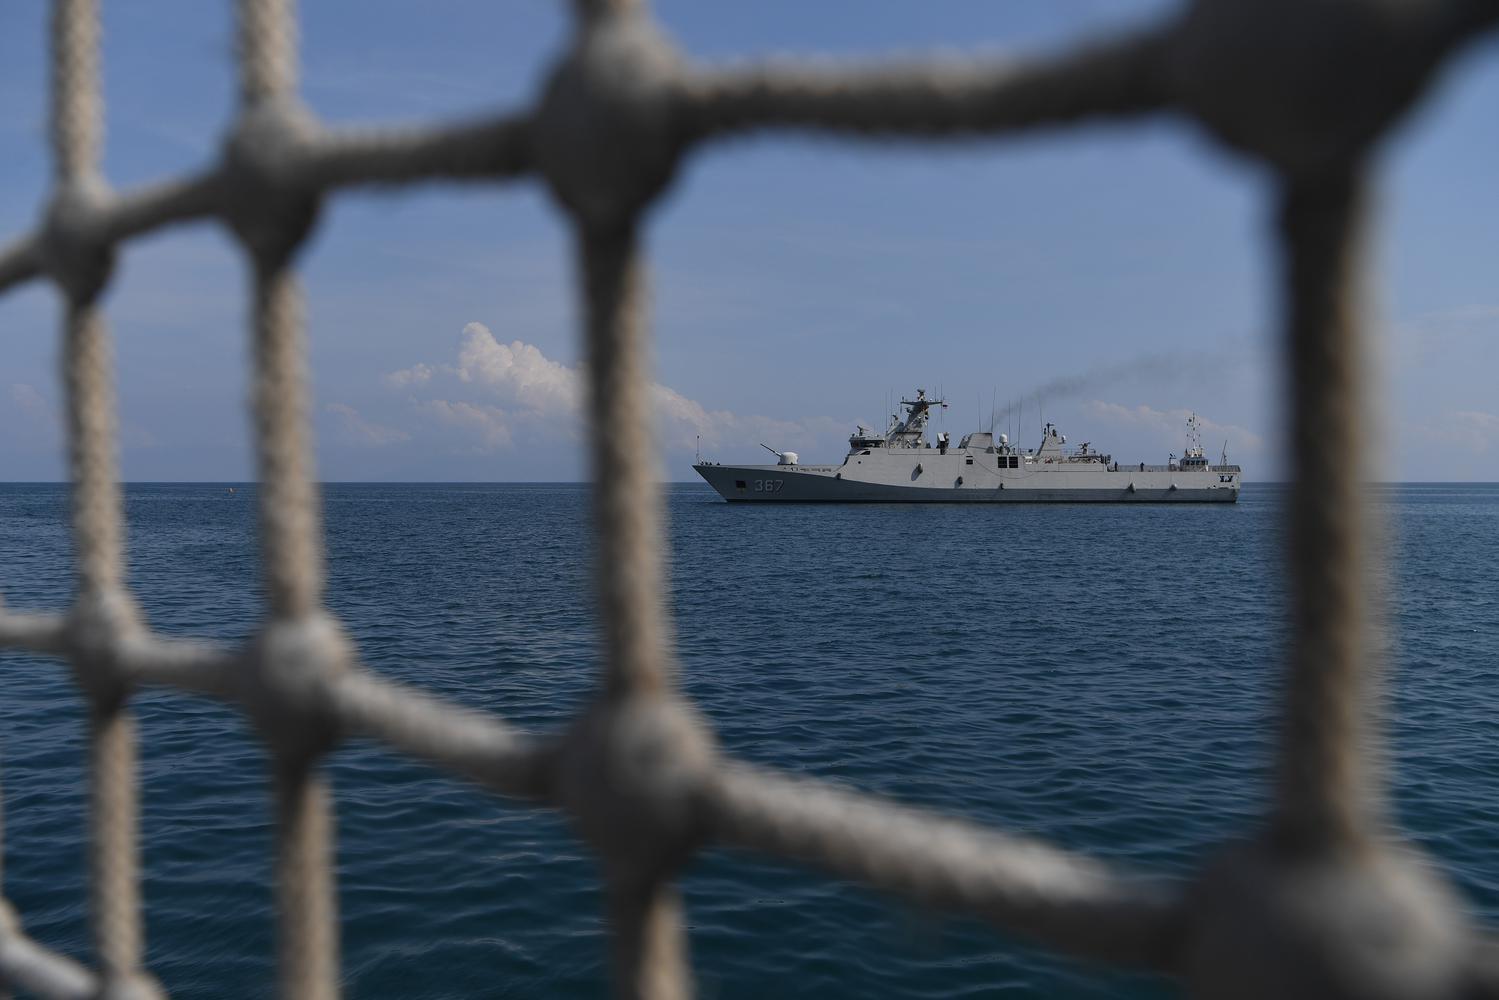 KRI Sultan Iskandar Muda-367 memasuki Pelabuhan Dili, di Dili, Timor Leste, Rabu (11/12/2019). KRI Usman Harun-359 dan KRI Sultan Iskandar Muda-367 akan melakukan misi diplomasi di Timor Leste hingga Sabtu (14/12).